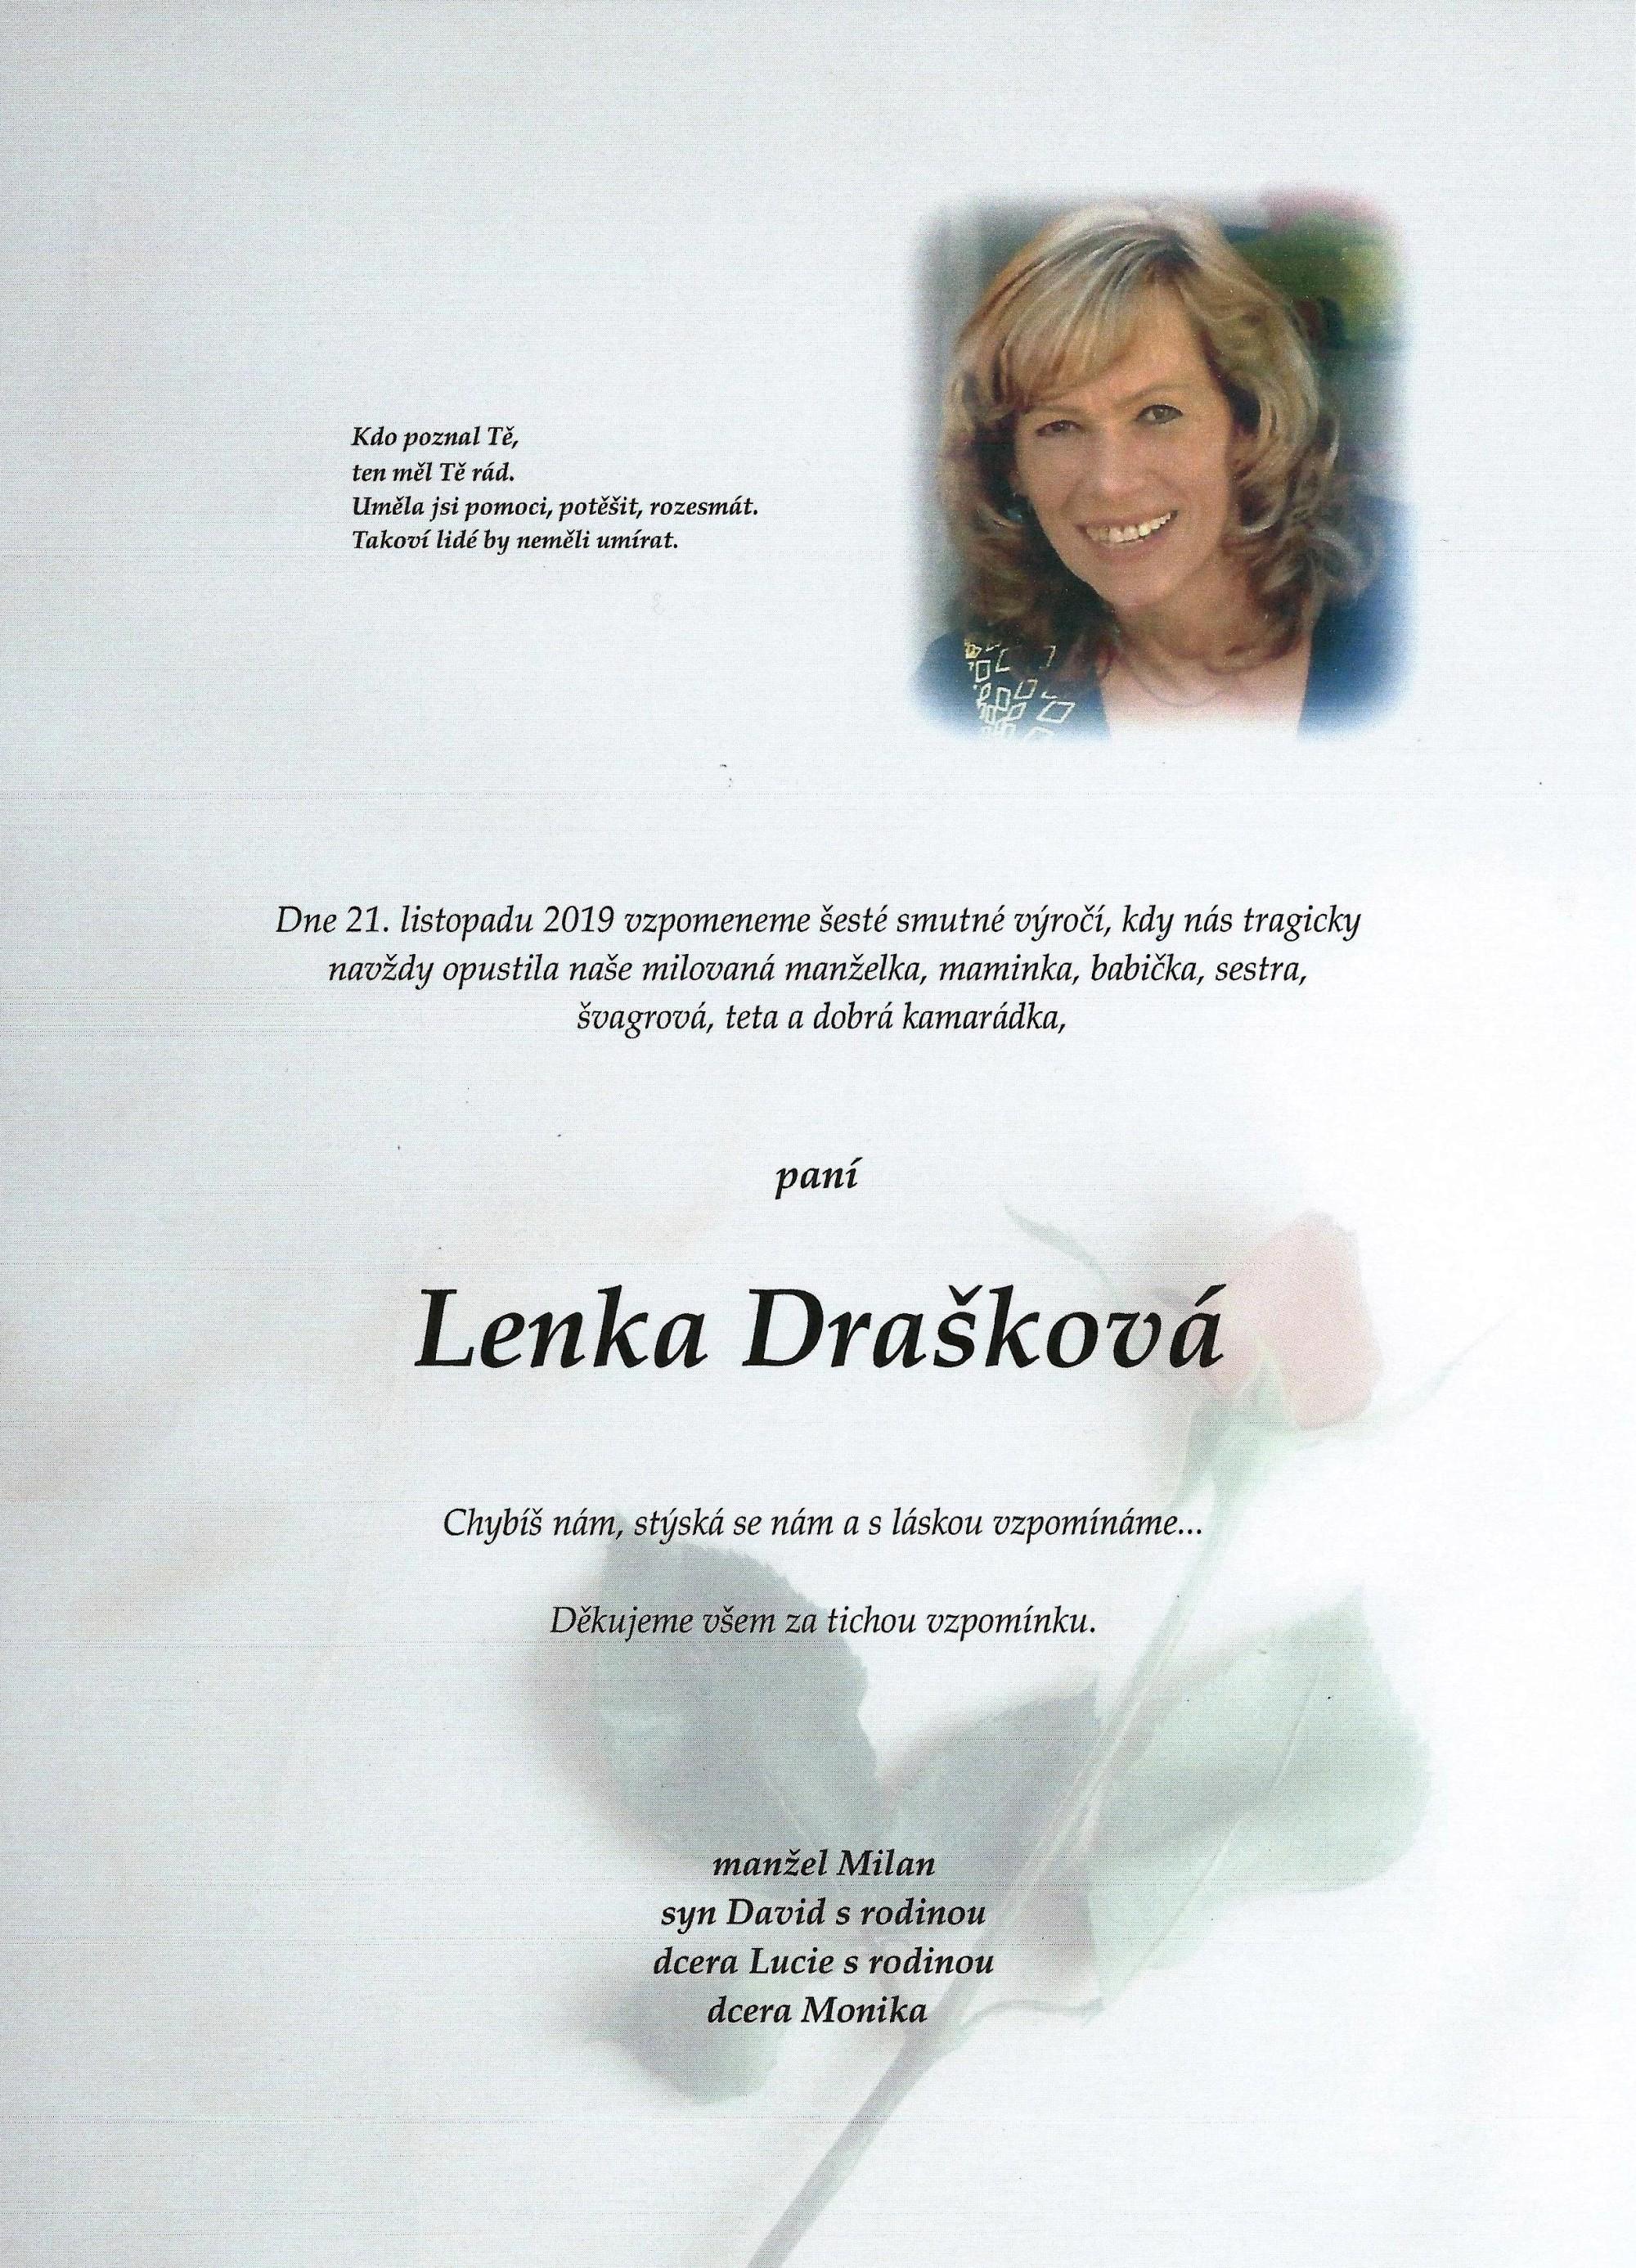 Lenka Drašková